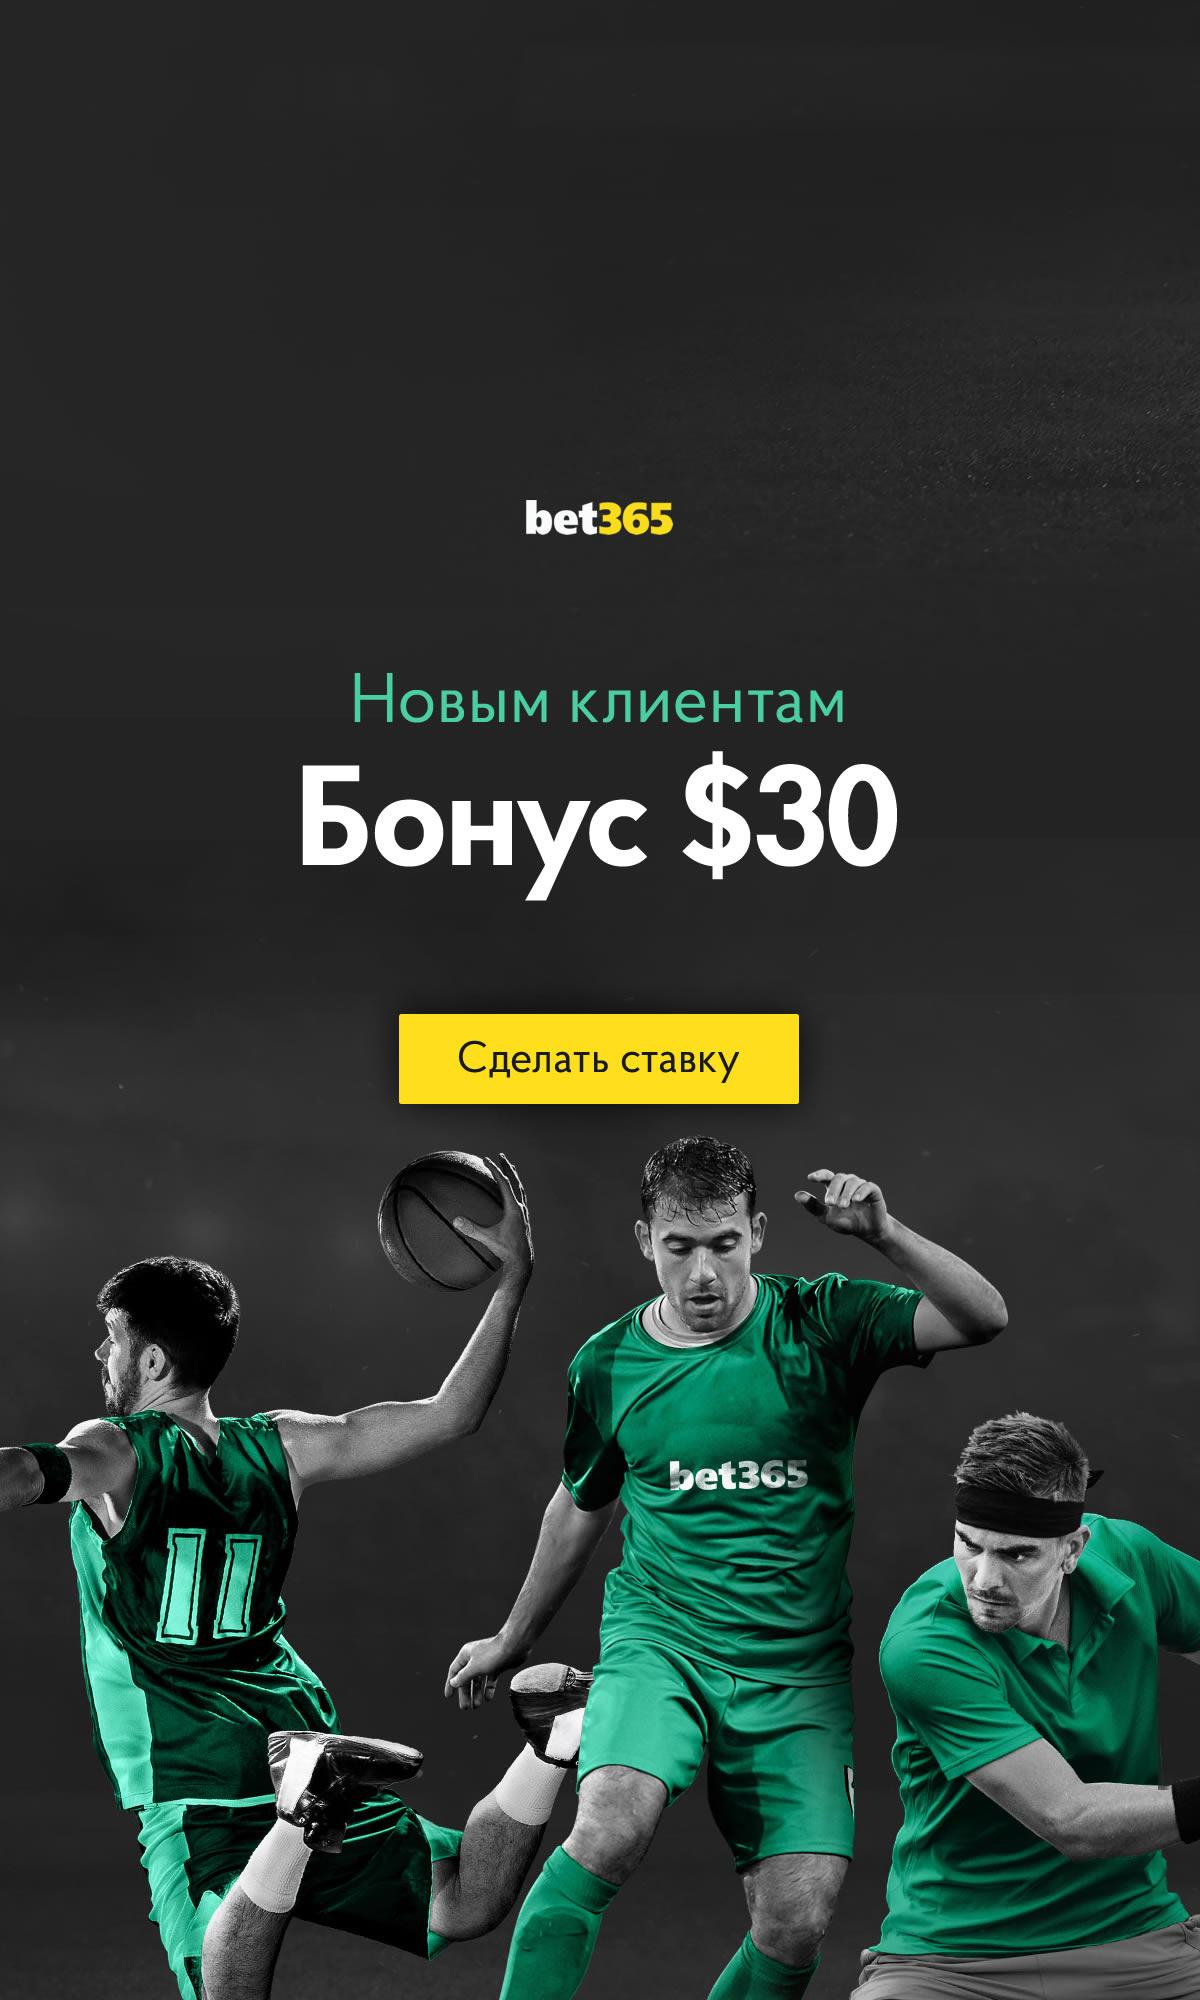 Ukraina Severnaya Irlandiya Prognoz I Stavka Za 1 67 Segodnya V 21 45 Prognozy Na Futbol